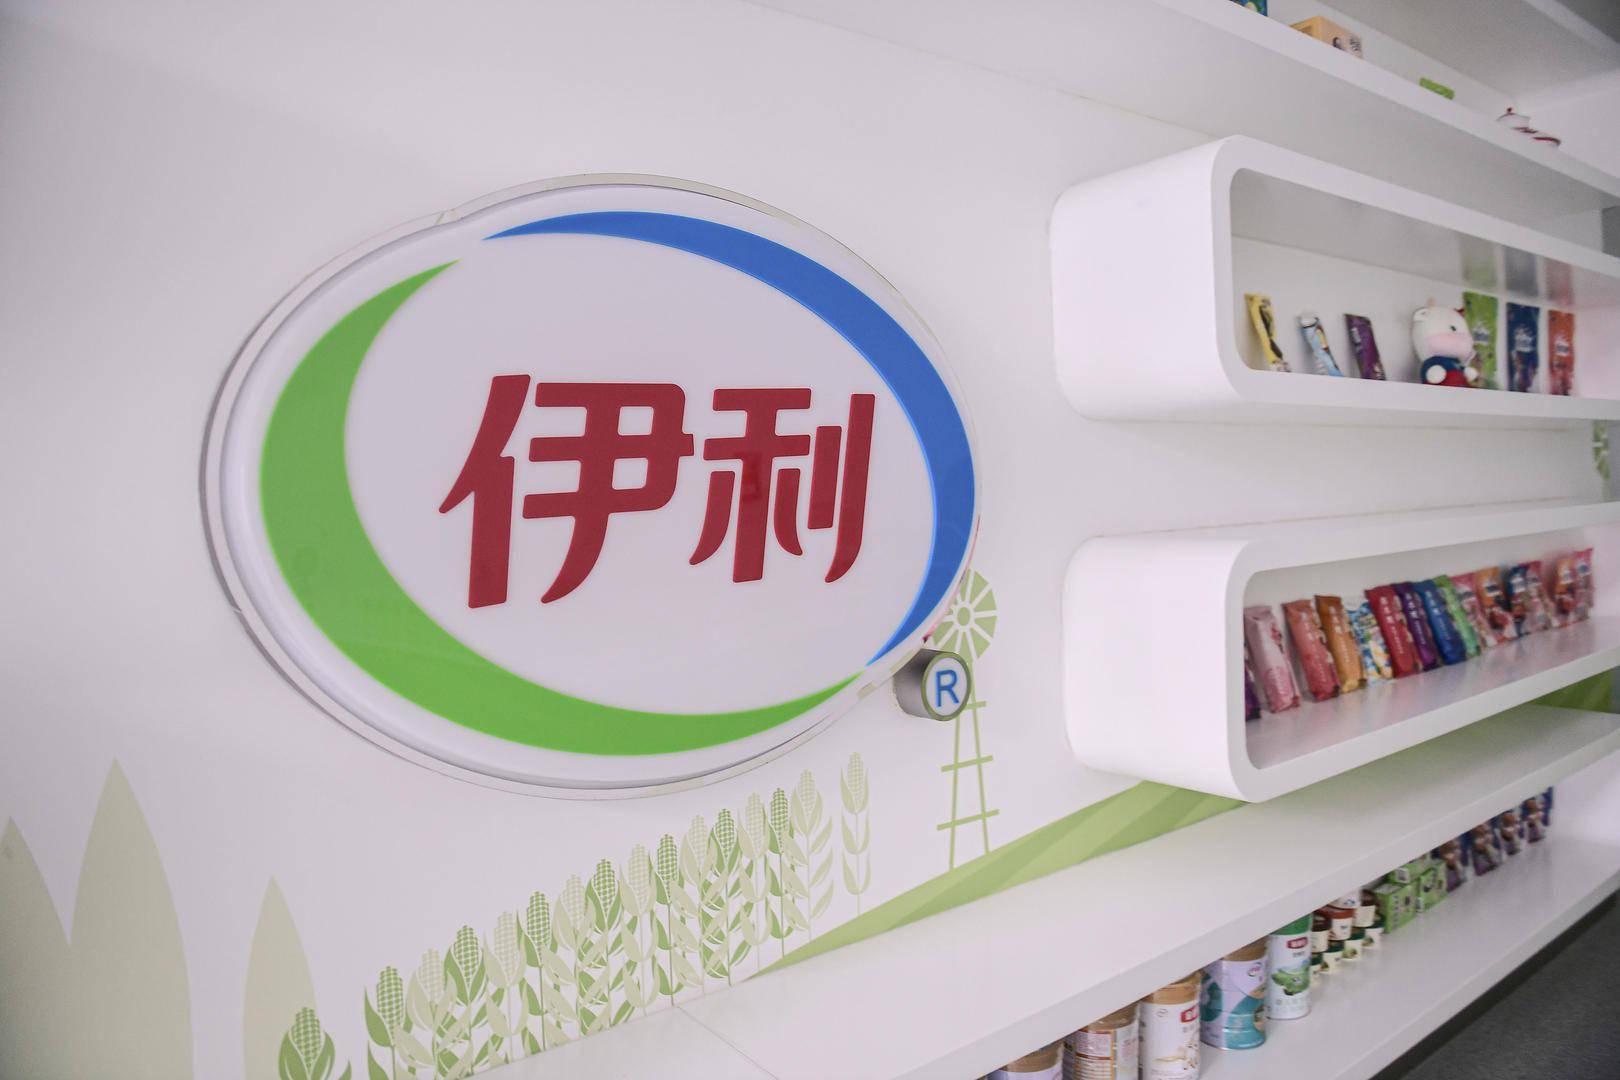 消费者吐槽酸奶块有虫后收威胁短信,伊利回应希望消费者报警 (图1)